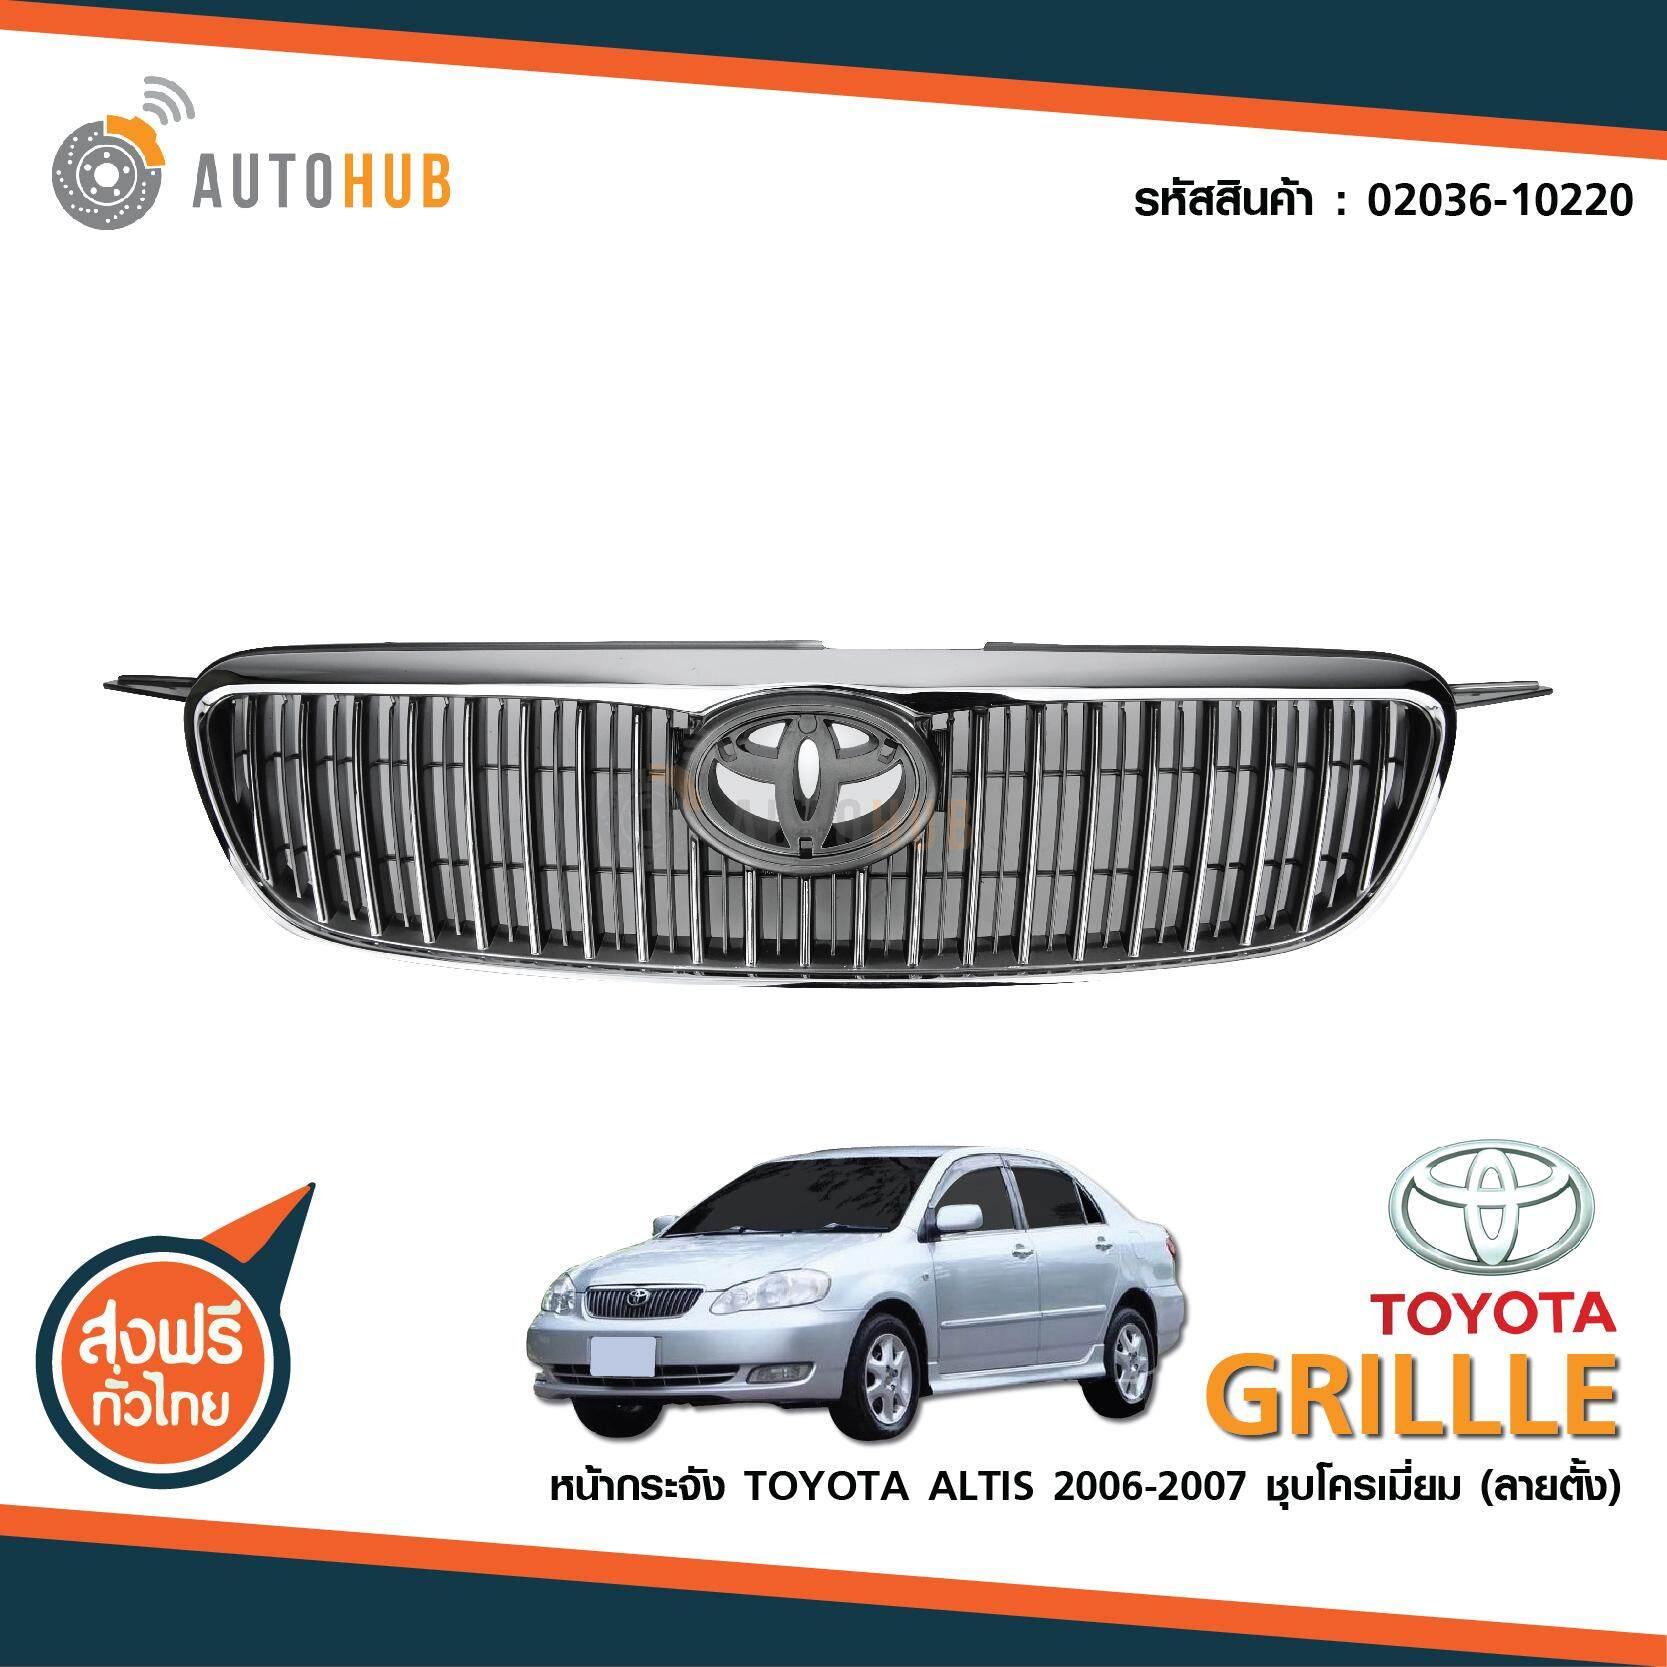 (กระจังหน้า) Toyota Altis ปี 2006-2007 ชุบ ลายตั้ง (02036-10220) By Autohub V.1.